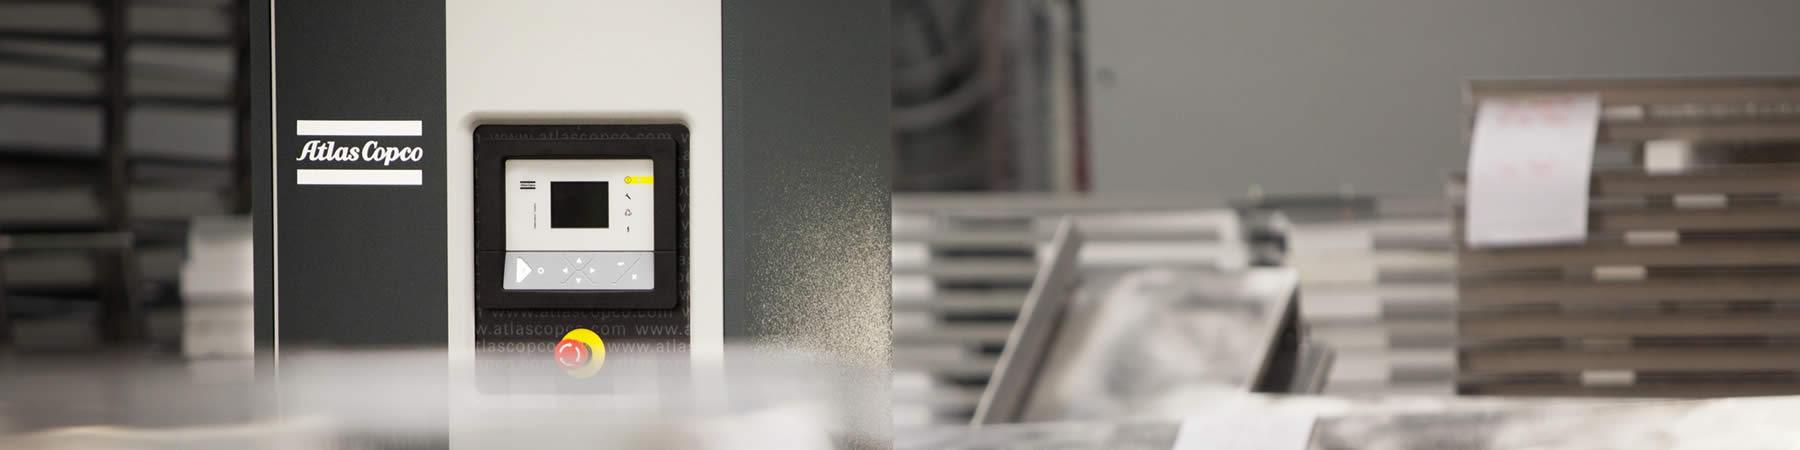 Vendita Compressori Trento - Assistenza Compressori Atlas Copco Trento